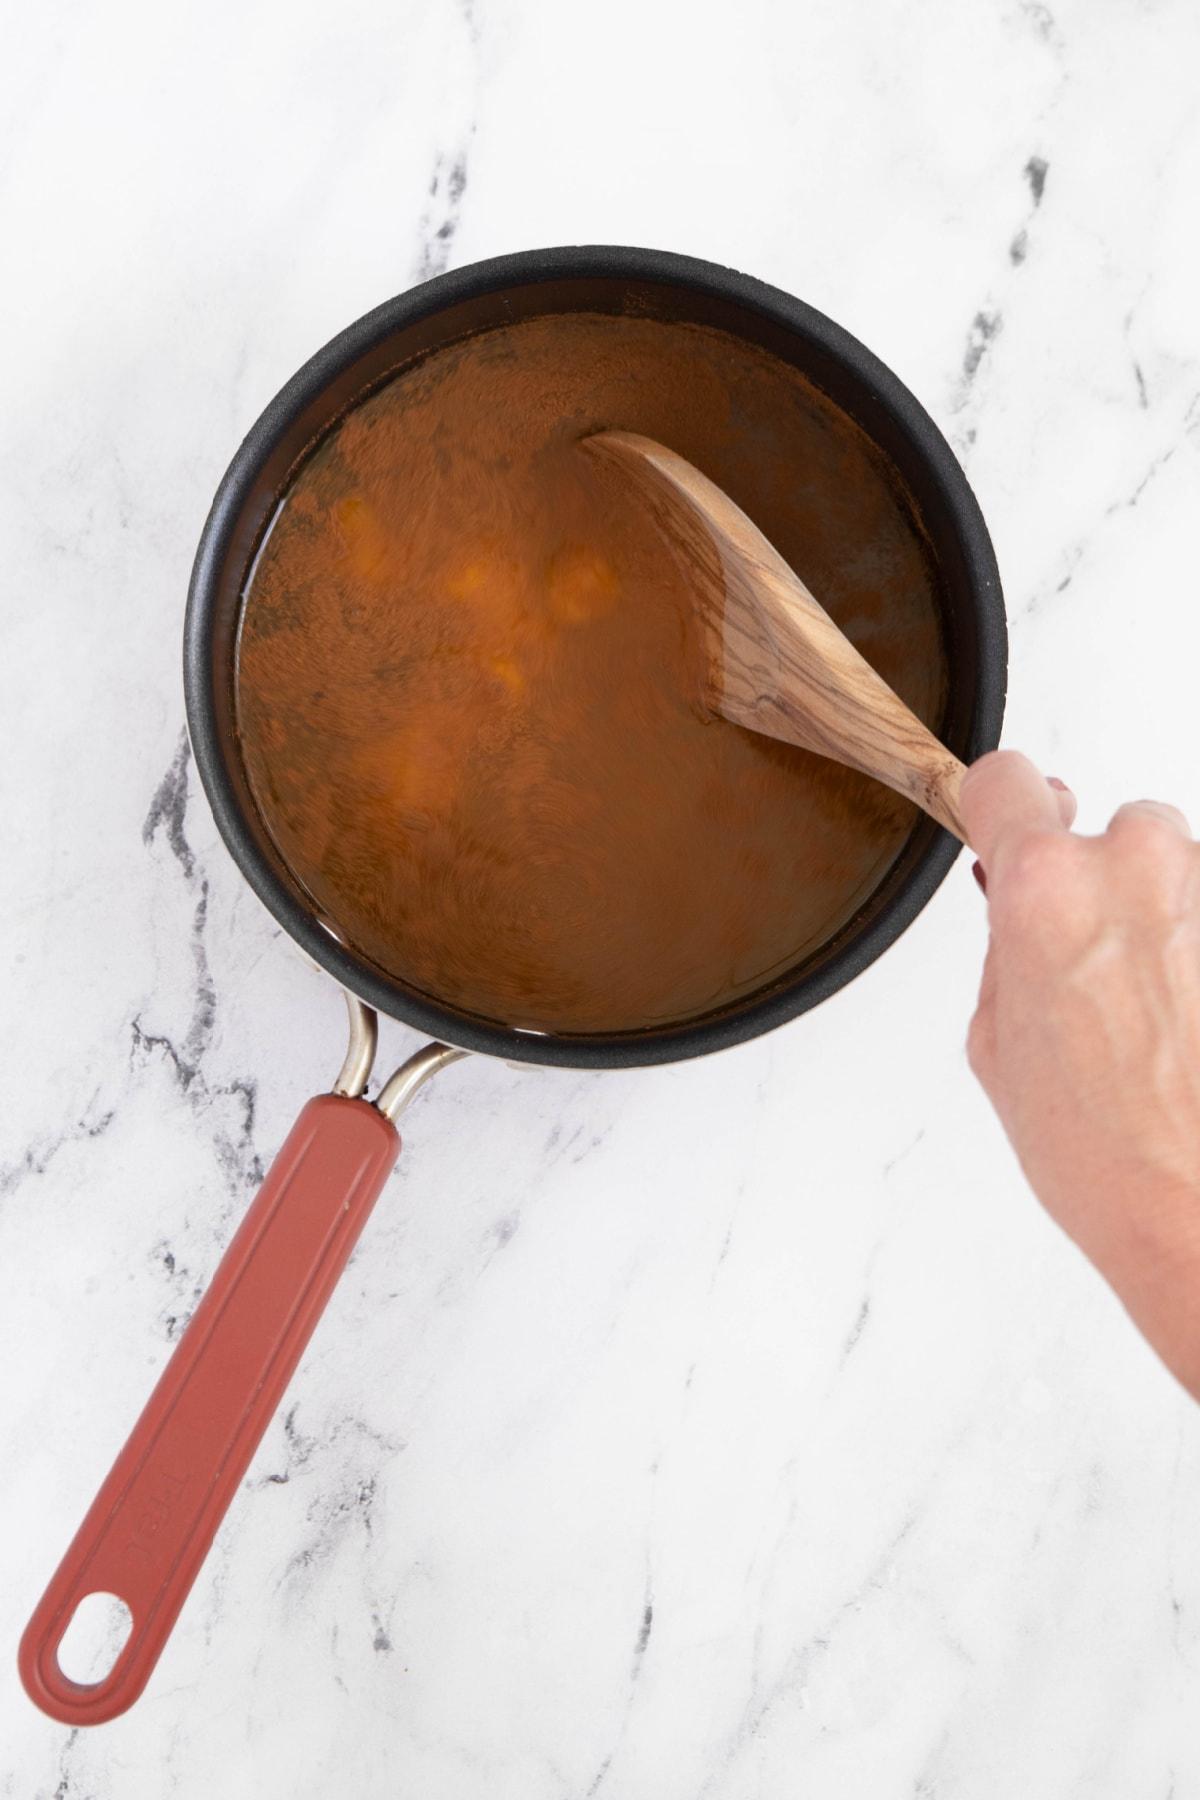 Stirring ingredients for pumpkin juice in saucepan